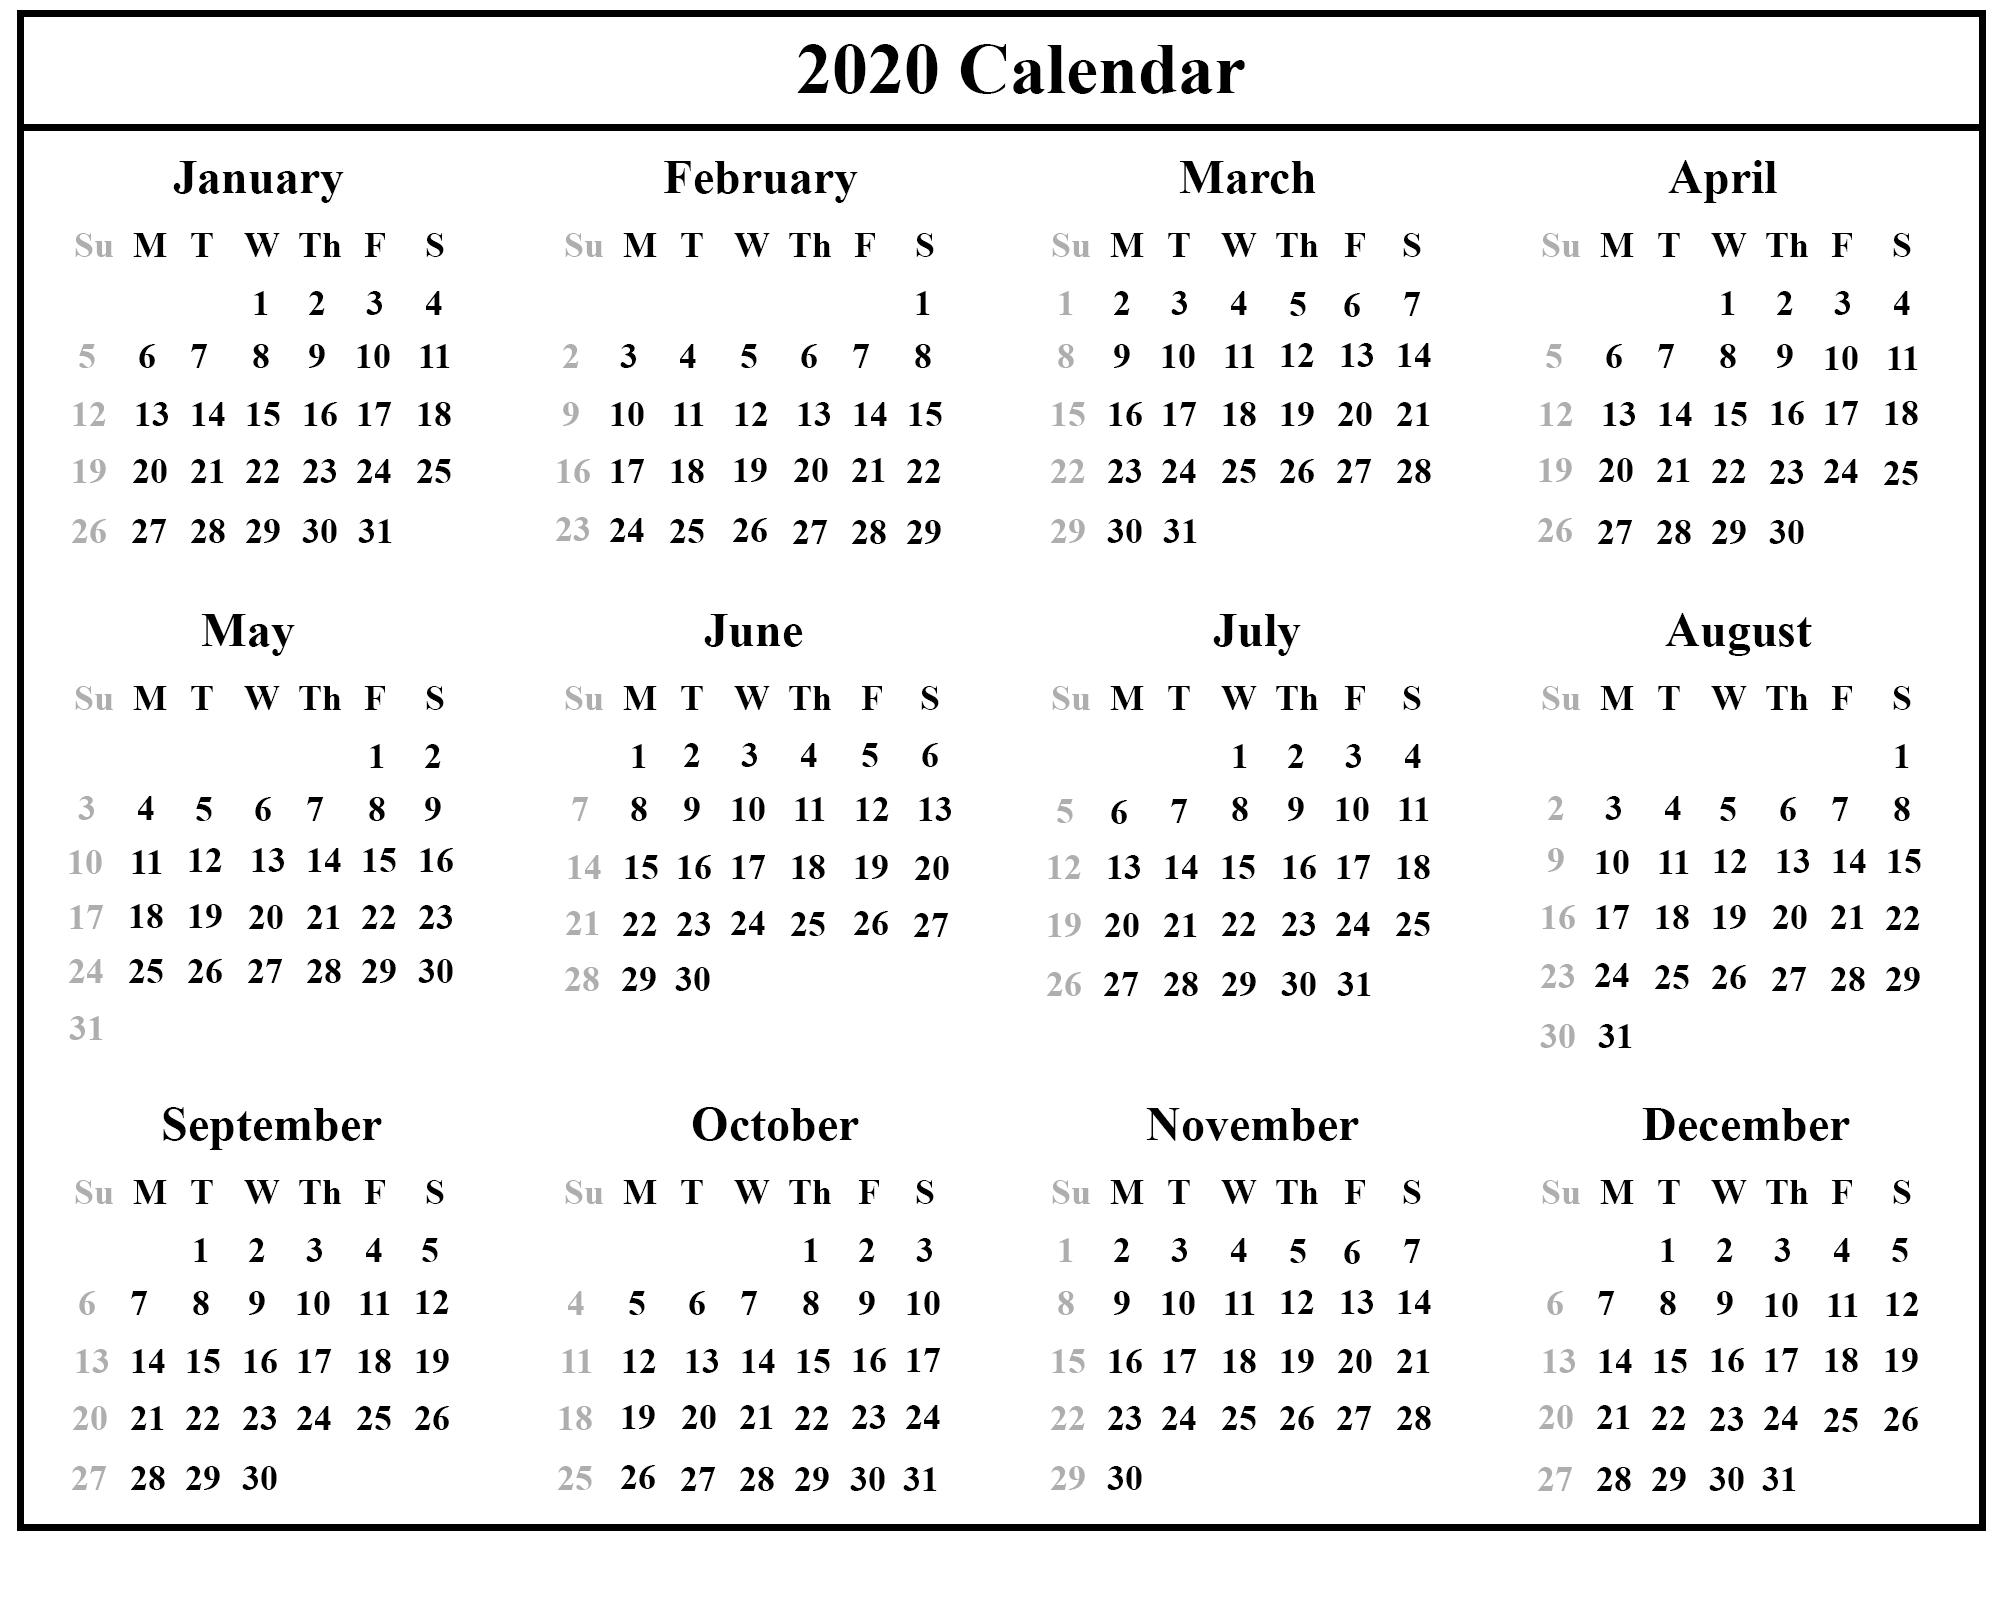 Calendar 2020 Template Word